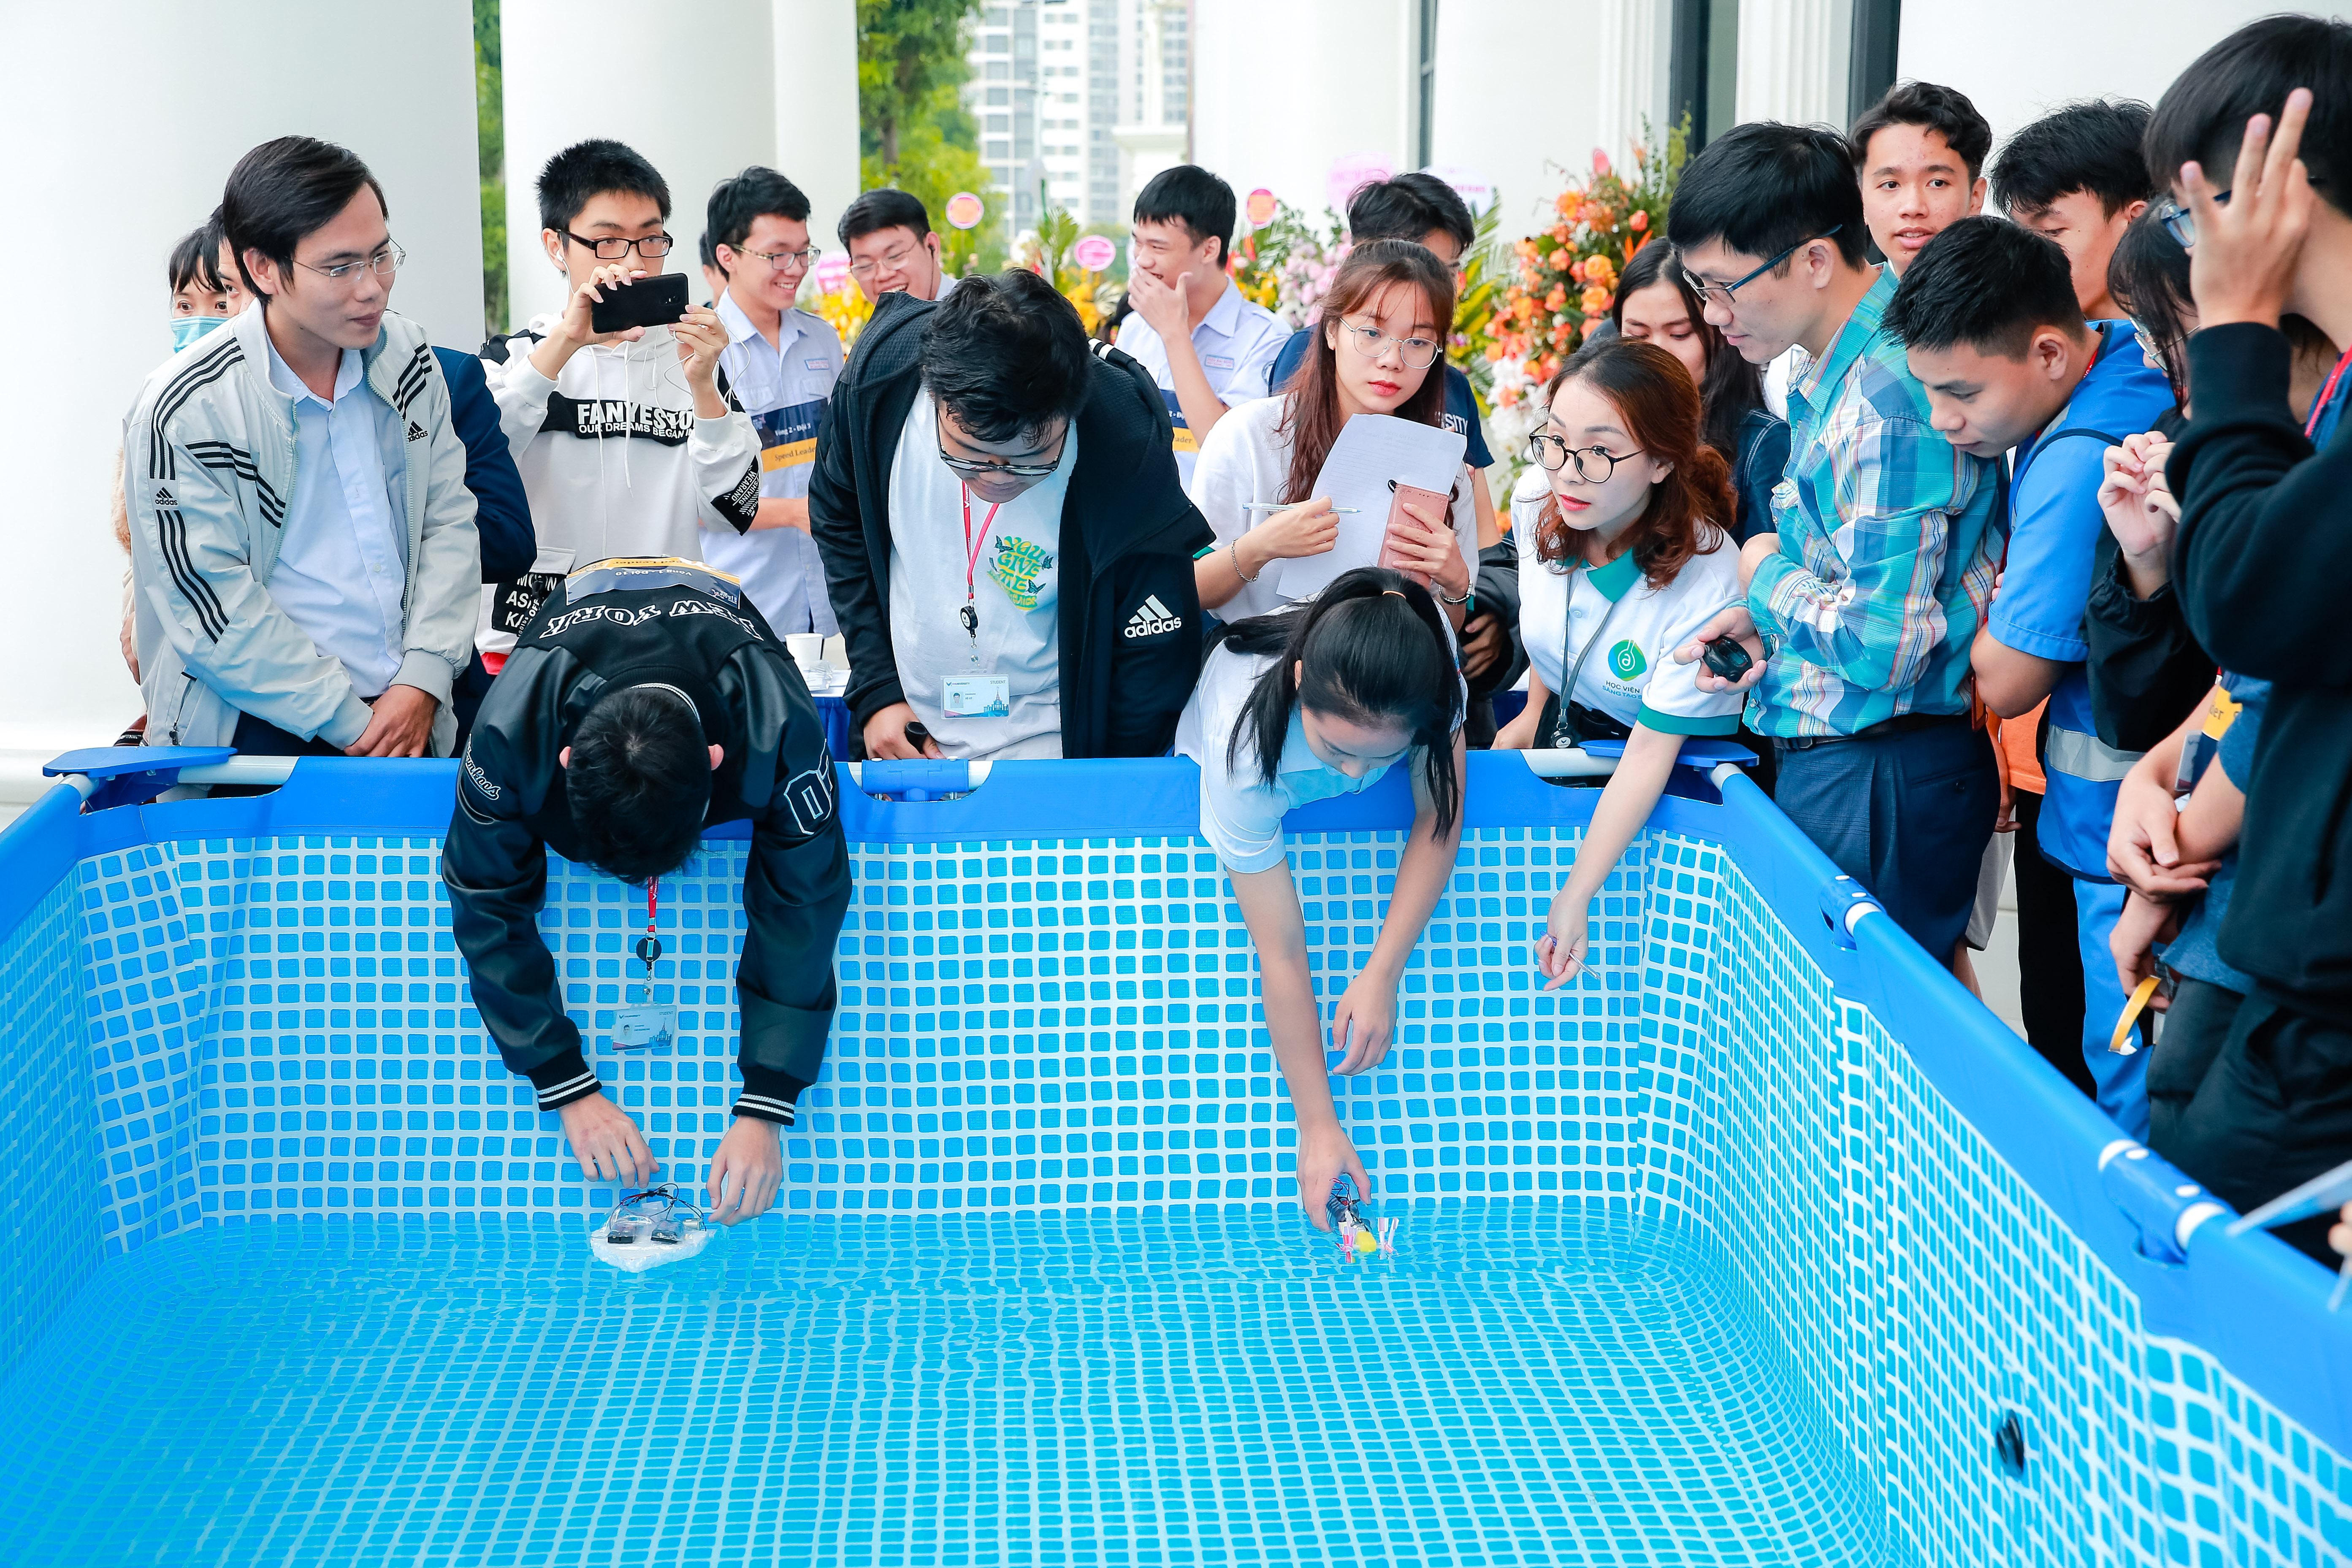 Thi thiết kế thuyền gắn động cơ tại Ngày hội STEME, trường ĐH VinUni, Hà Nội, 18/10/ 2020. Nguồn: BTC